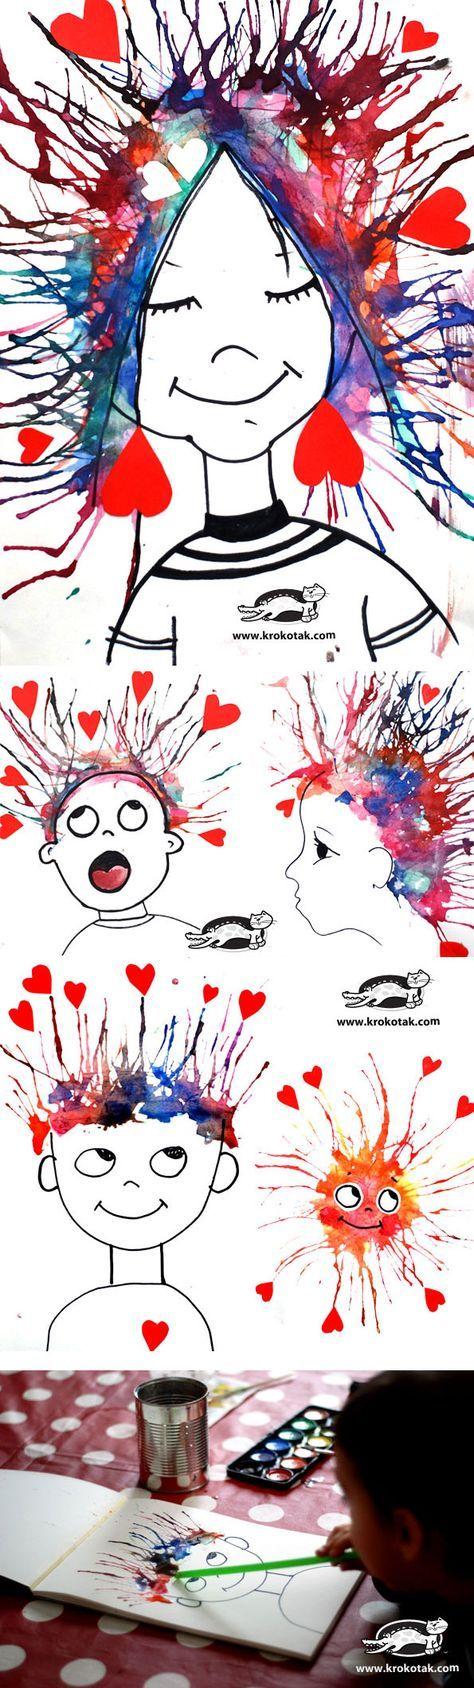 utilisation de paille pour créer un beau dessin. use of straw to draw nice picture